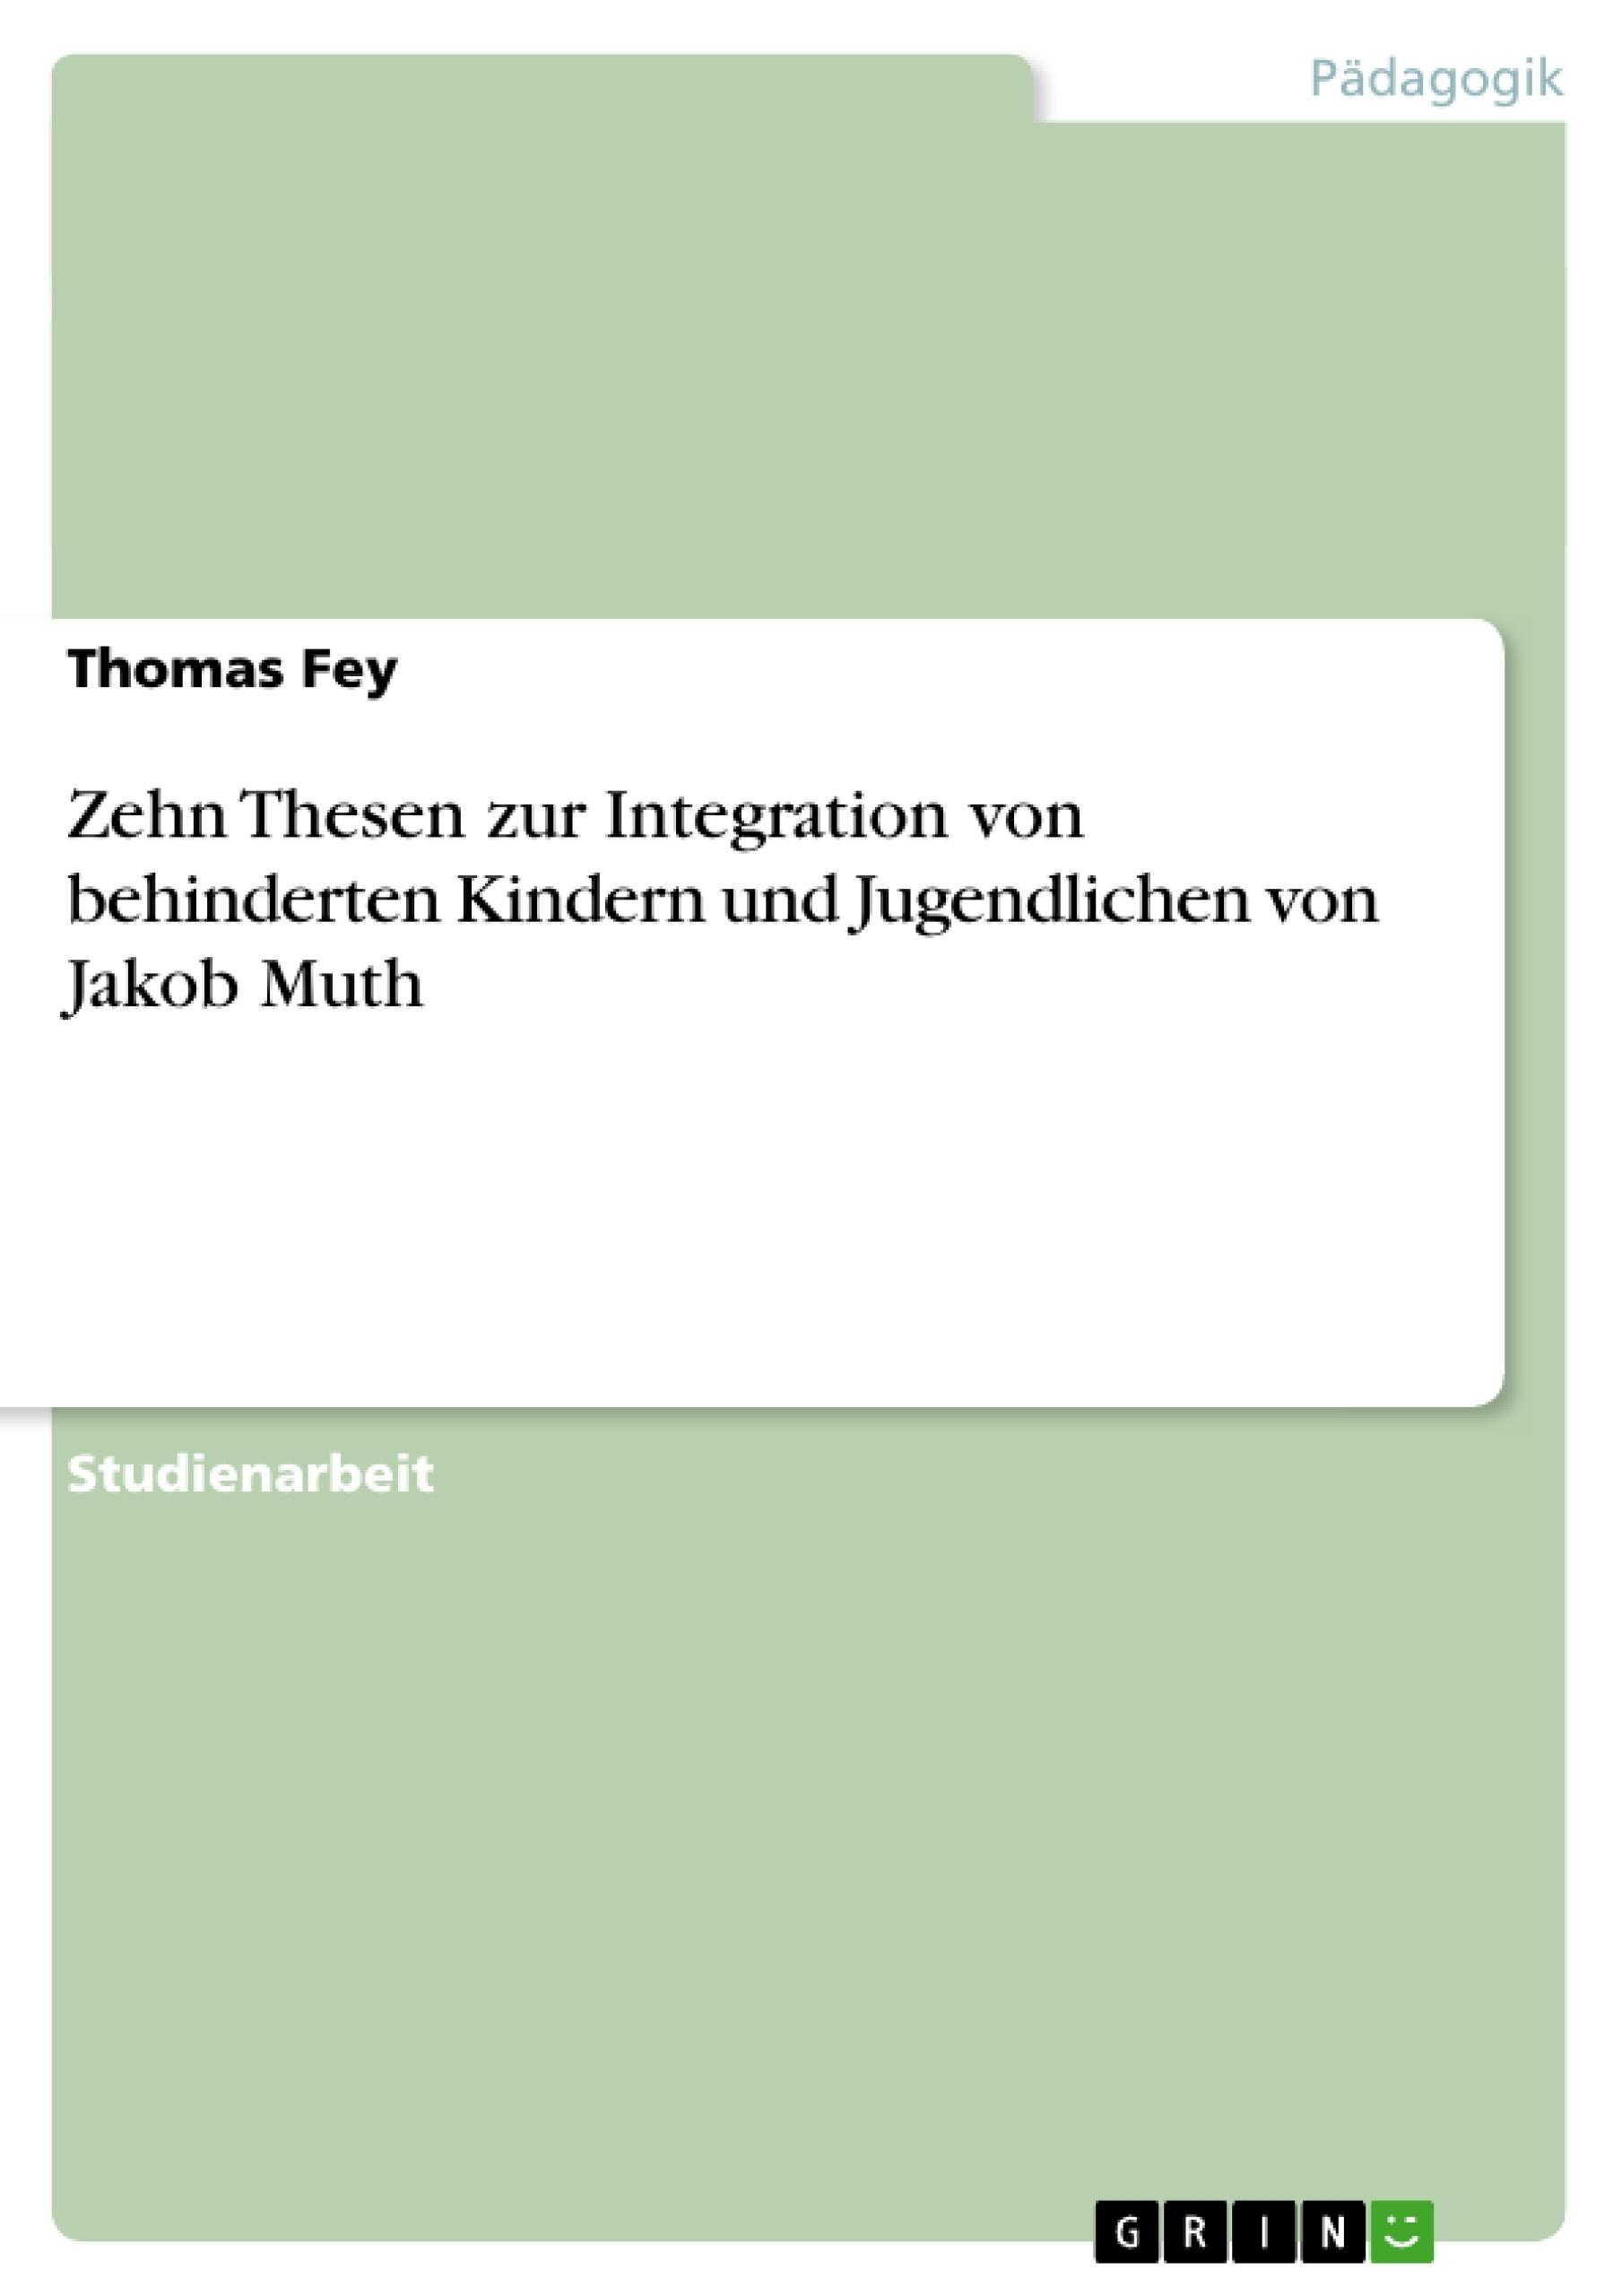 Titel: Zehn Thesen zur Integration von behinderten Kindern und Jugendlichen von Jakob Muth